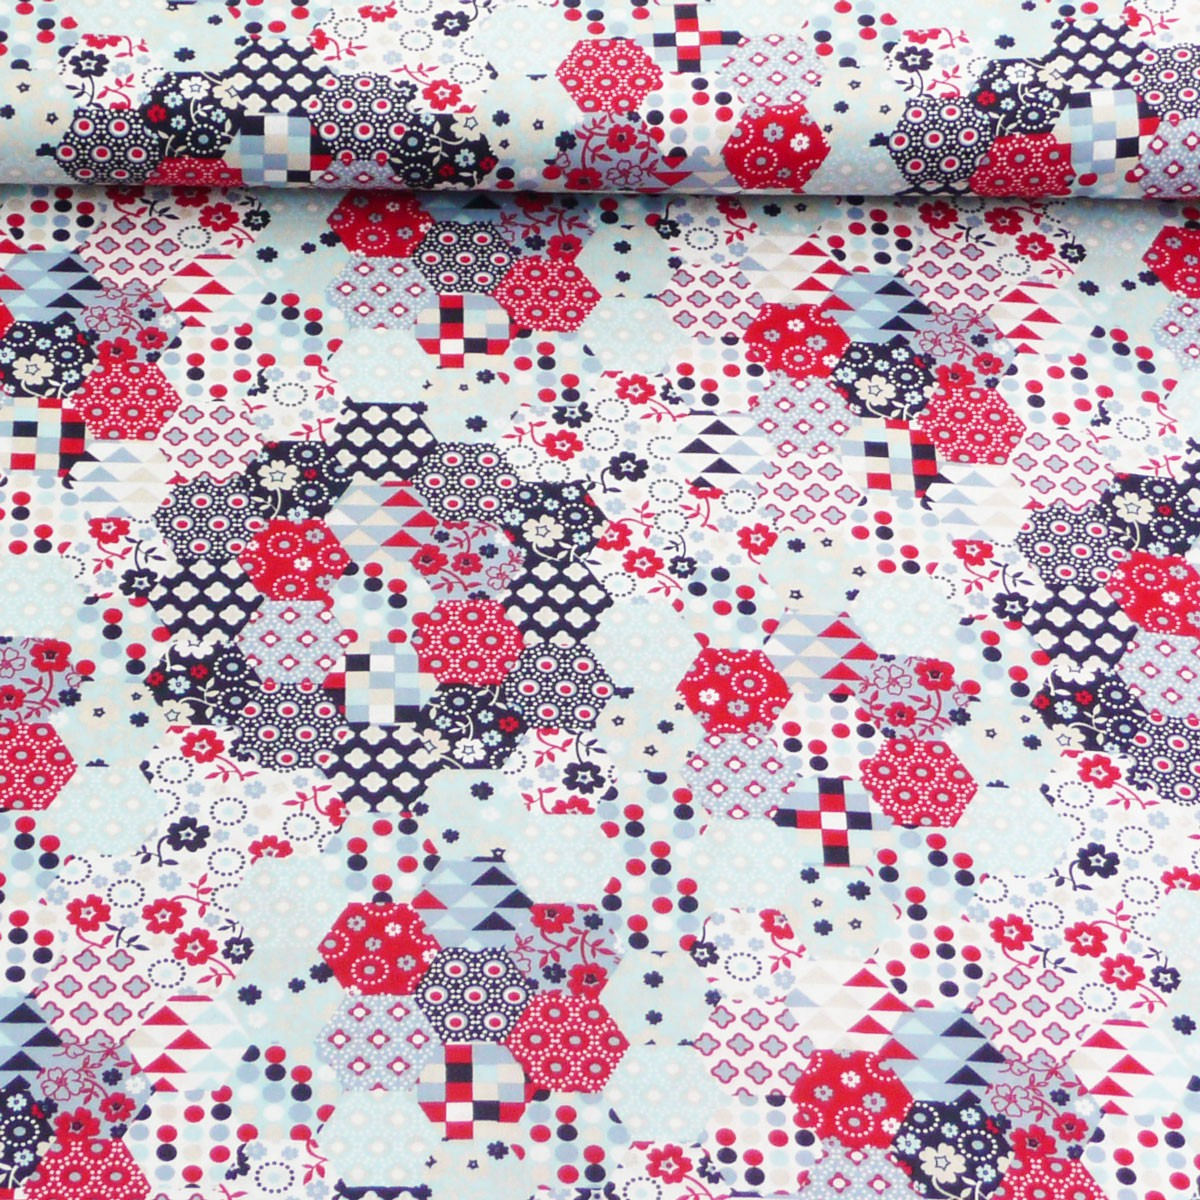 baumwollstoff stoff meterware sechseck wei hellblau rot stoffe stoffe gemustert stoff retro. Black Bedroom Furniture Sets. Home Design Ideas